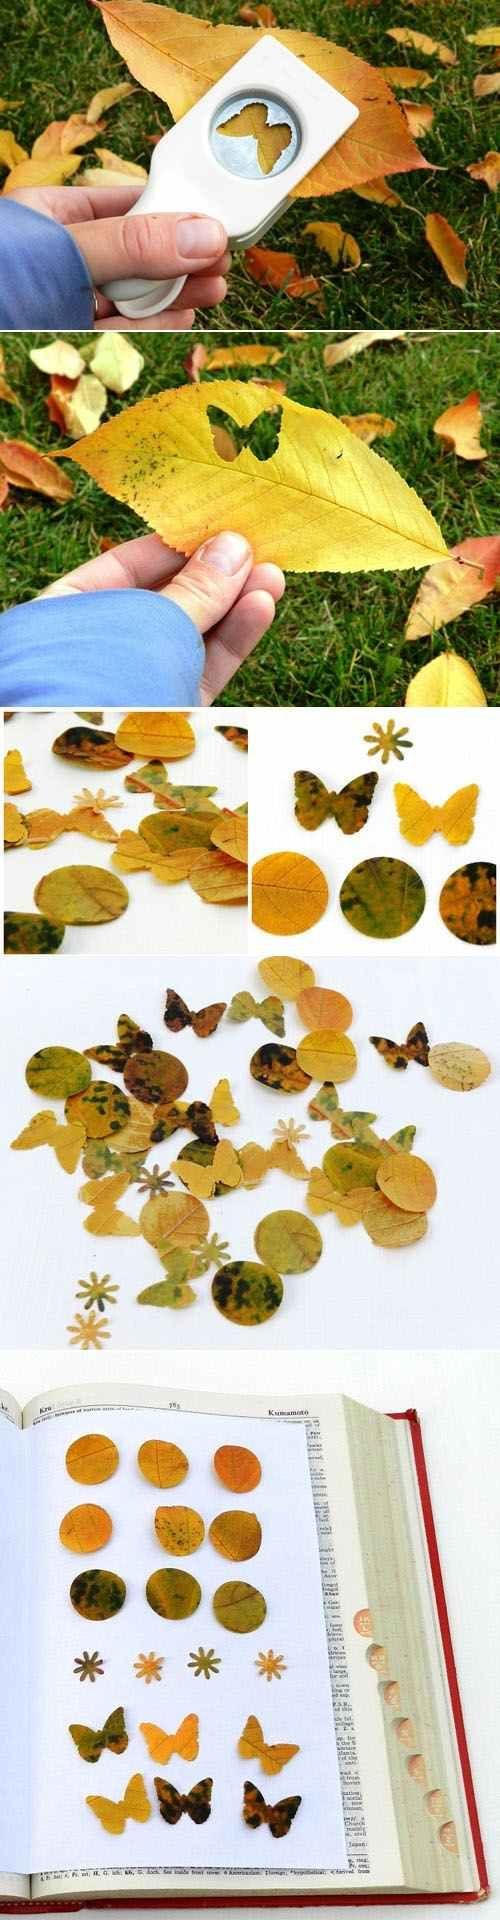 Basteln mit Kindern im Herbst - Anleitung im Link